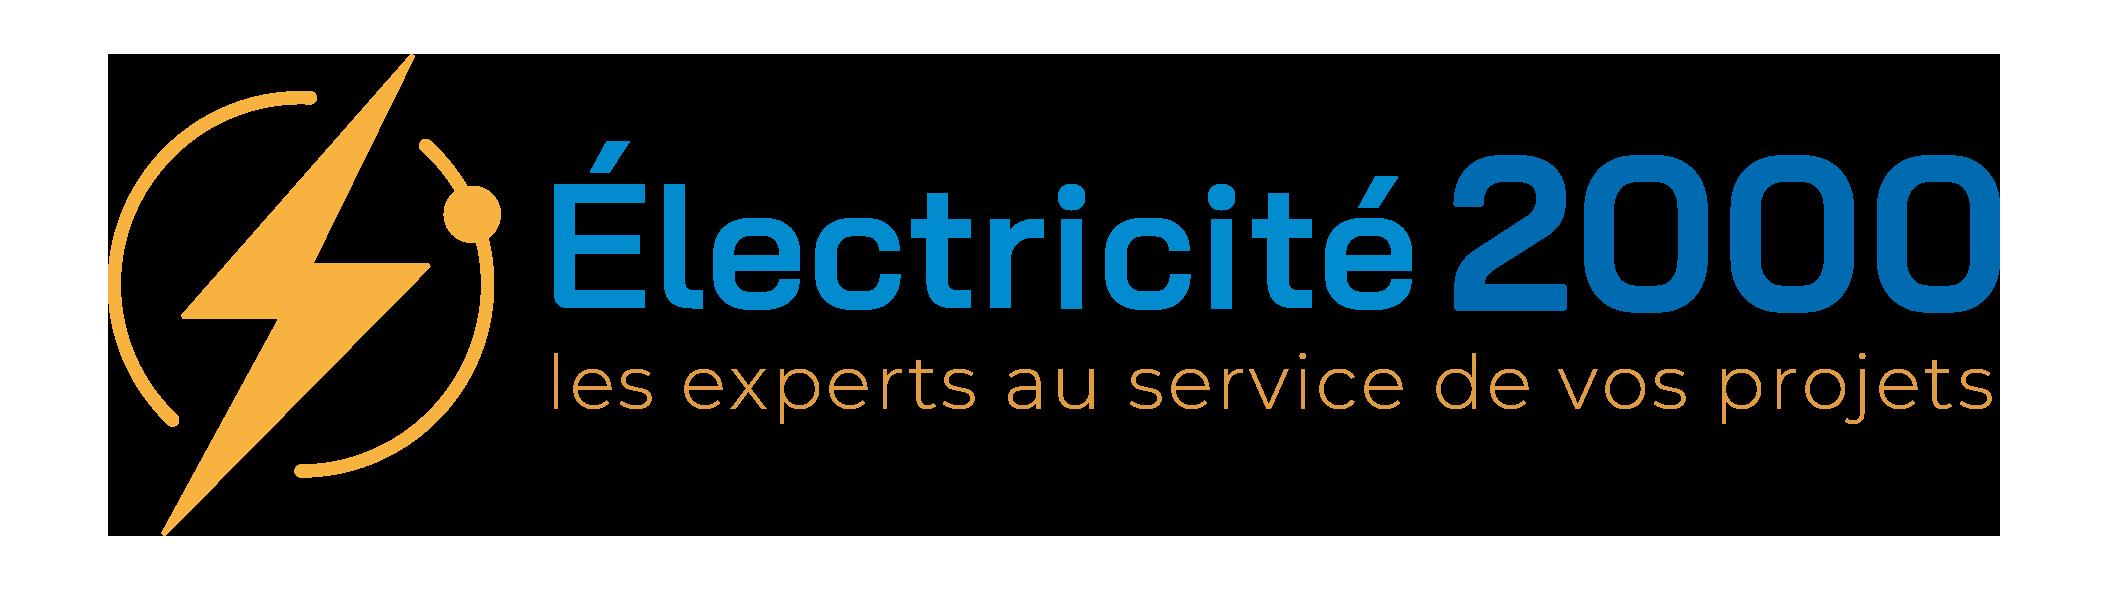 Électricité 2000